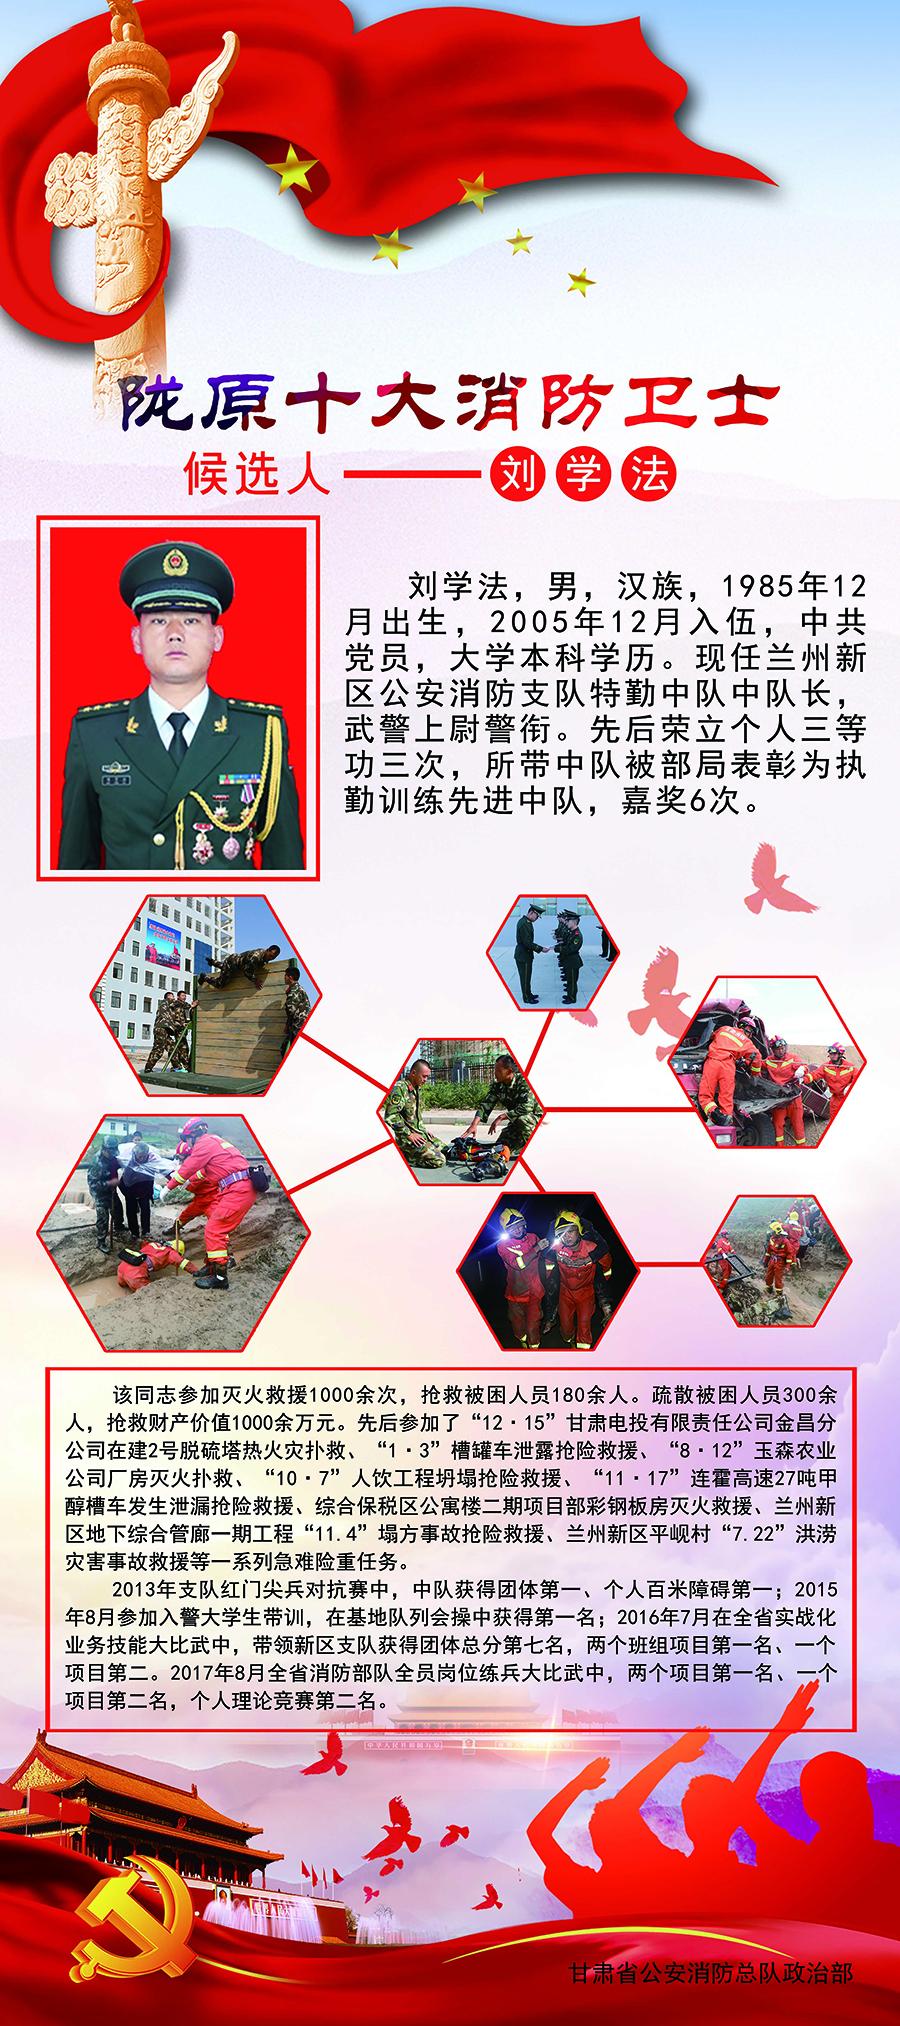 刘学法 海报